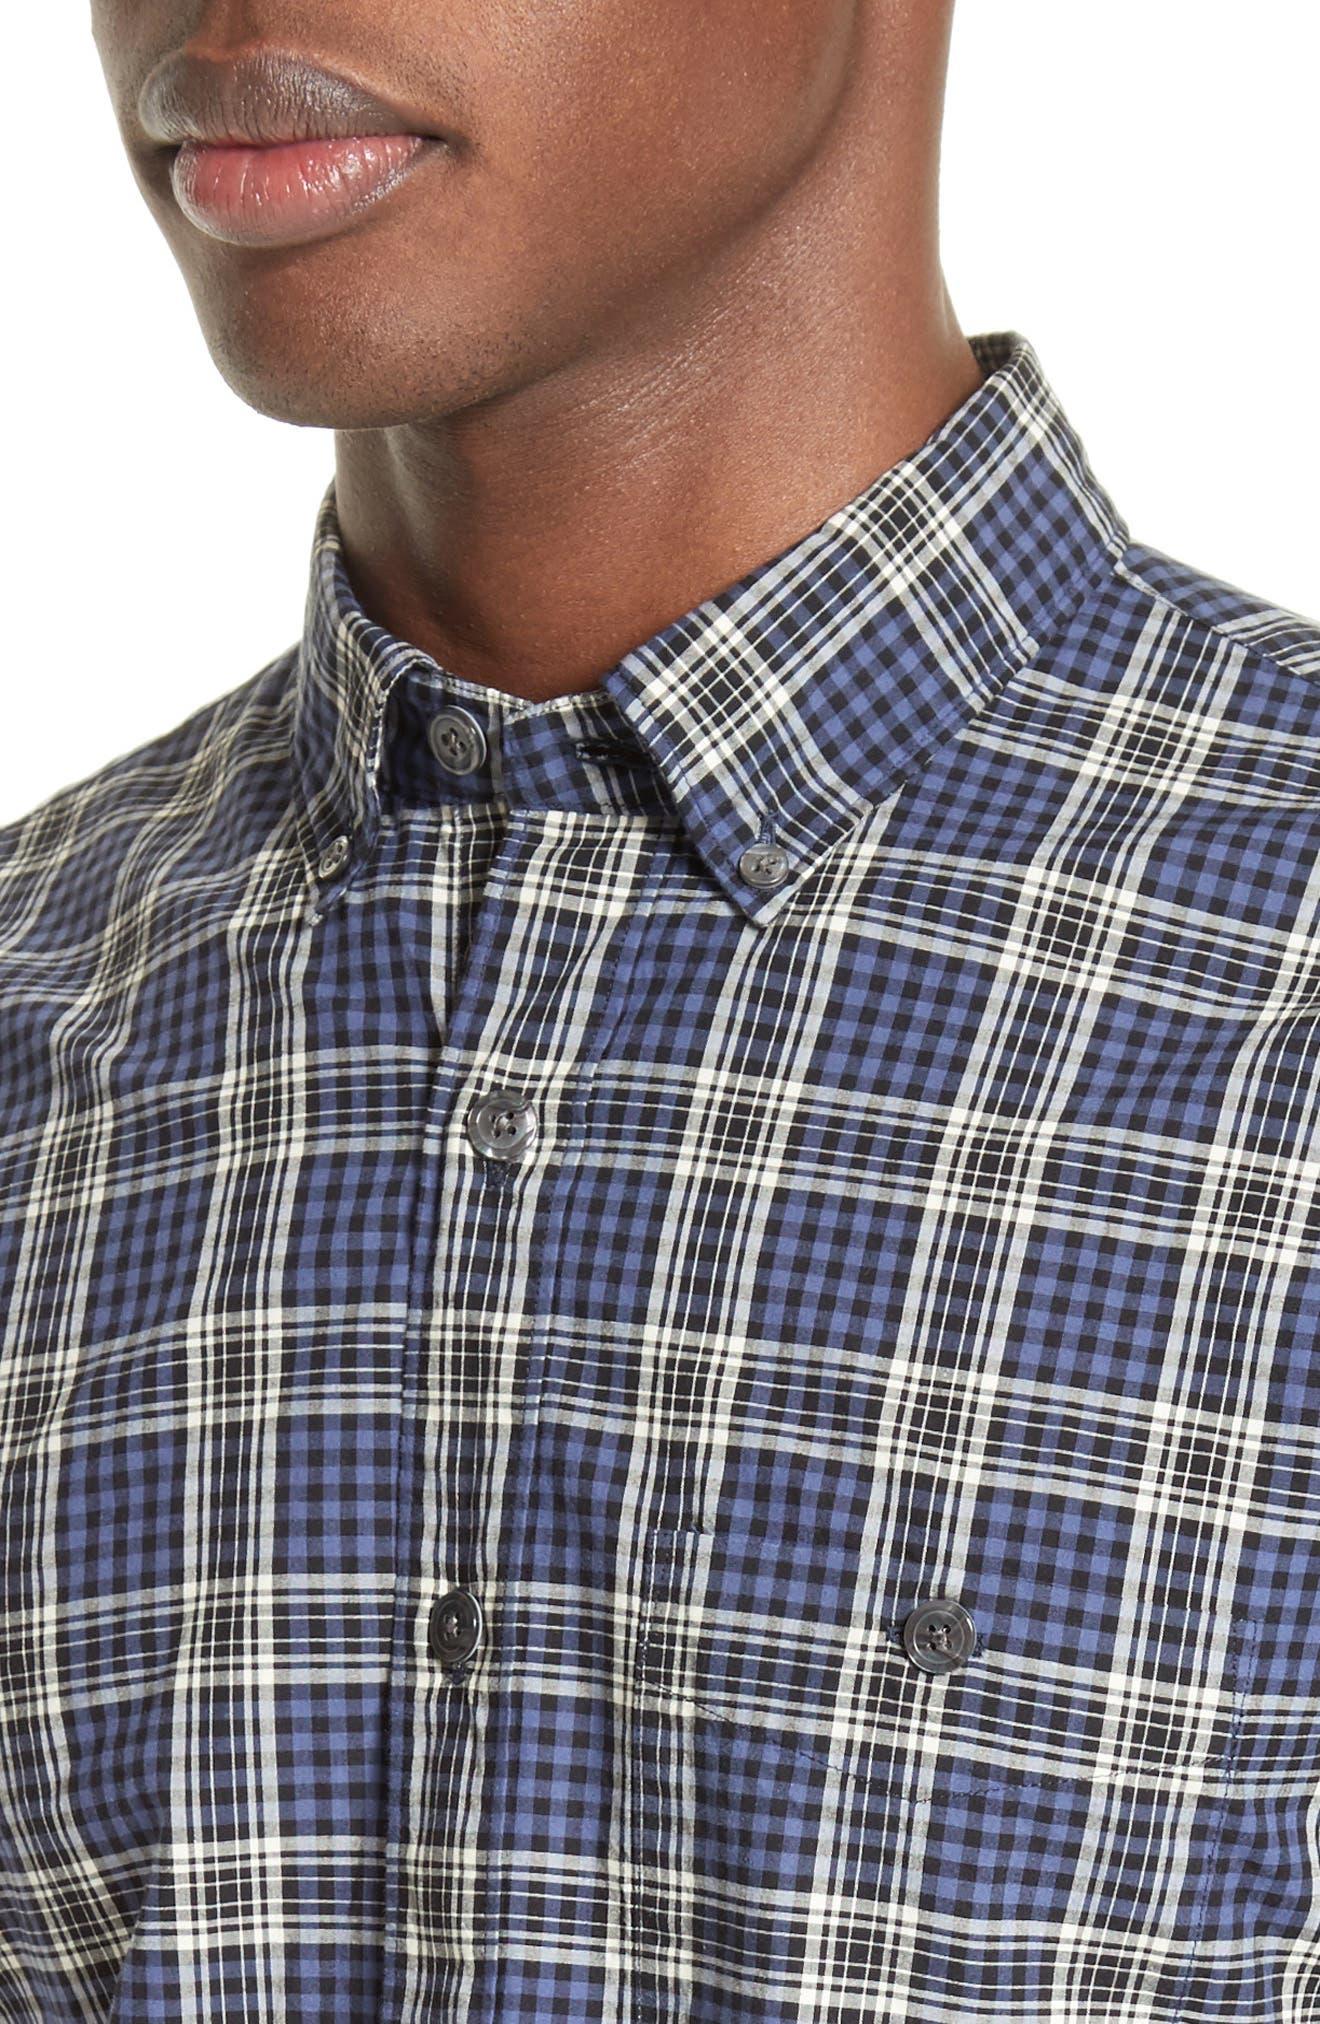 Trim Fit Plaid Sport Shirt,                             Alternate thumbnail 4, color,                             400